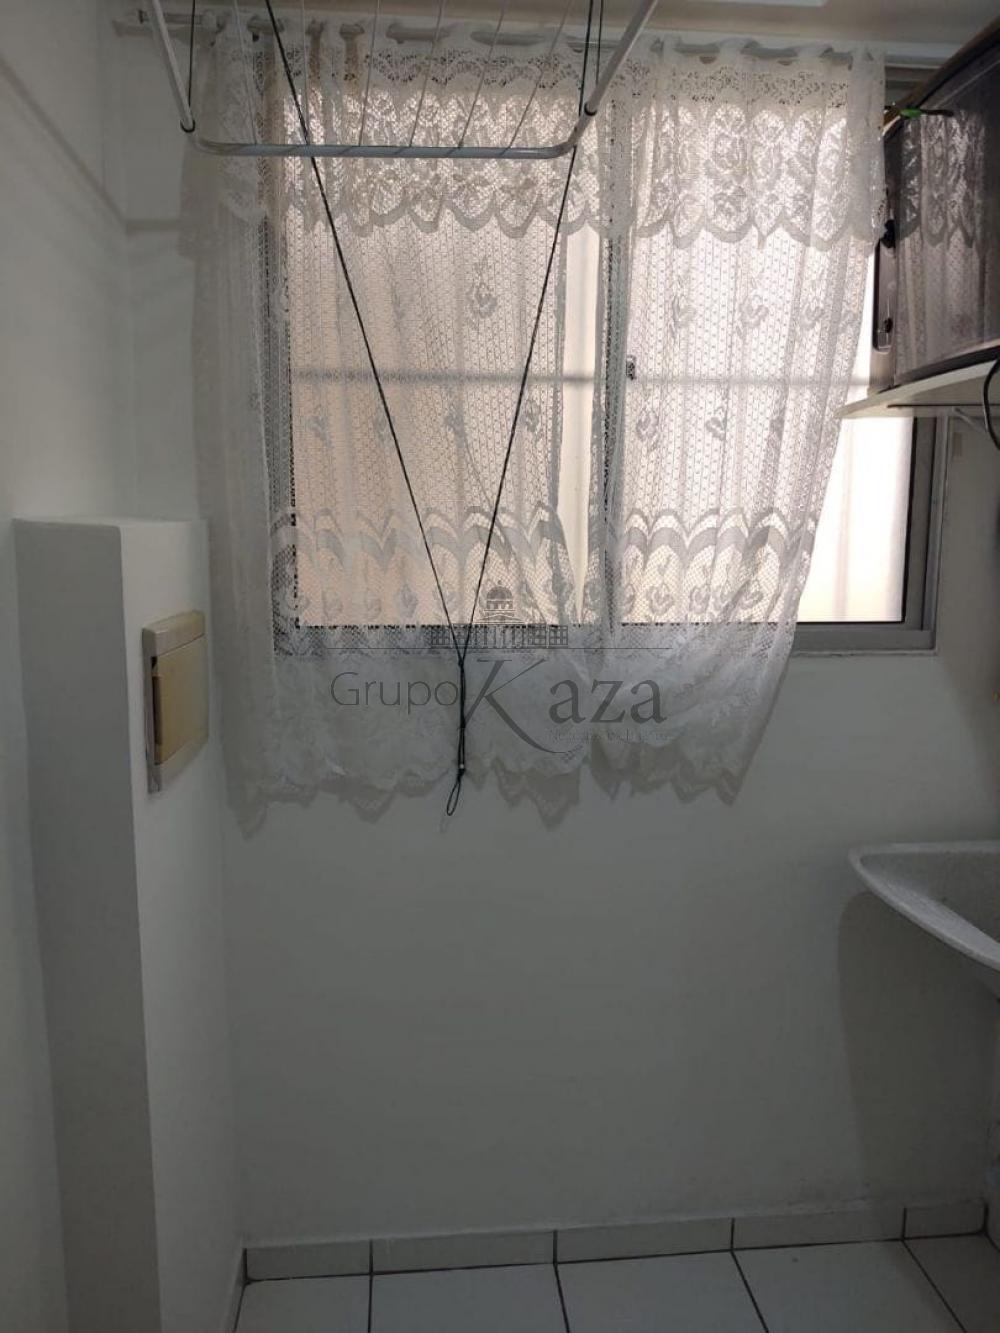 Alugar Apartamento / Padrão em São José dos Campos R$ 1.350,00 - Foto 5